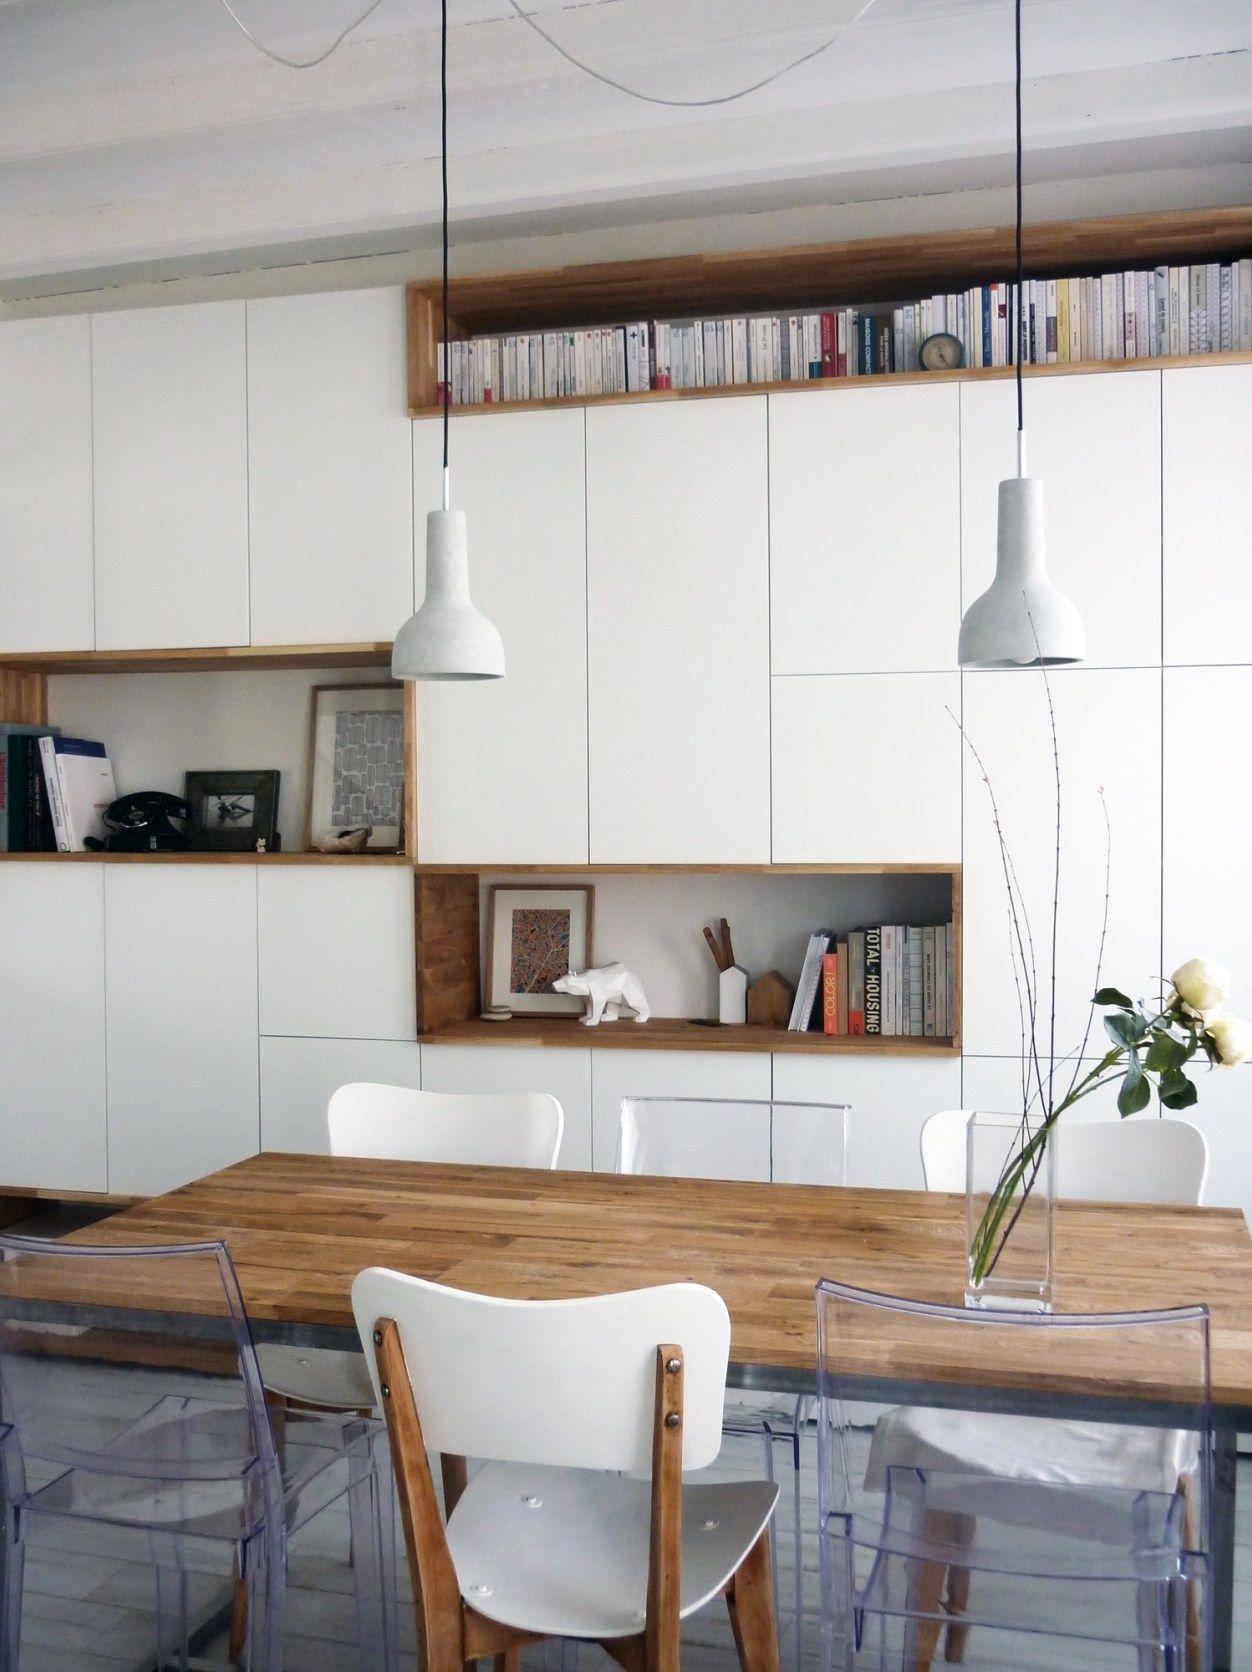 mur rangements blanc bois scandinave am nagement placard pinterest mur rangement et bois. Black Bedroom Furniture Sets. Home Design Ideas